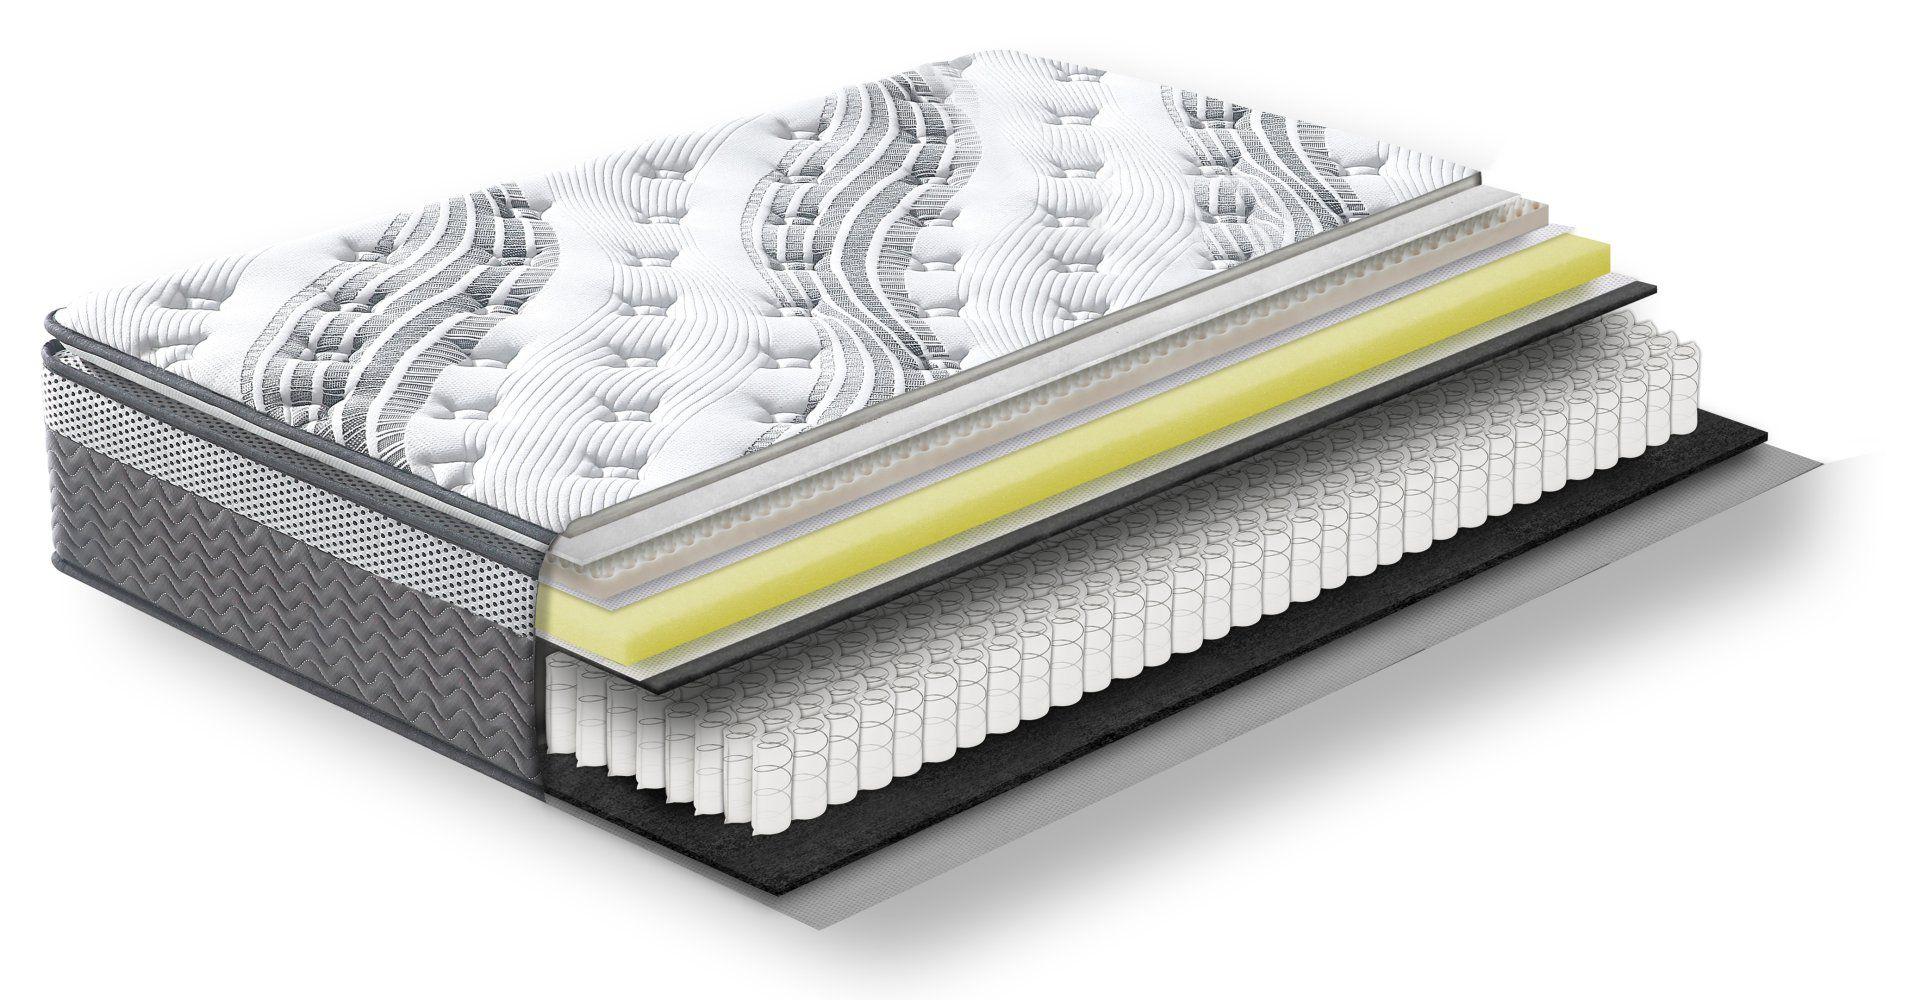 Steiner Premium matras Relax met pocketveren kern - afmeting: 90 x 200 cm, hardheidsgraad H3-H4, hoogte: 33 cm